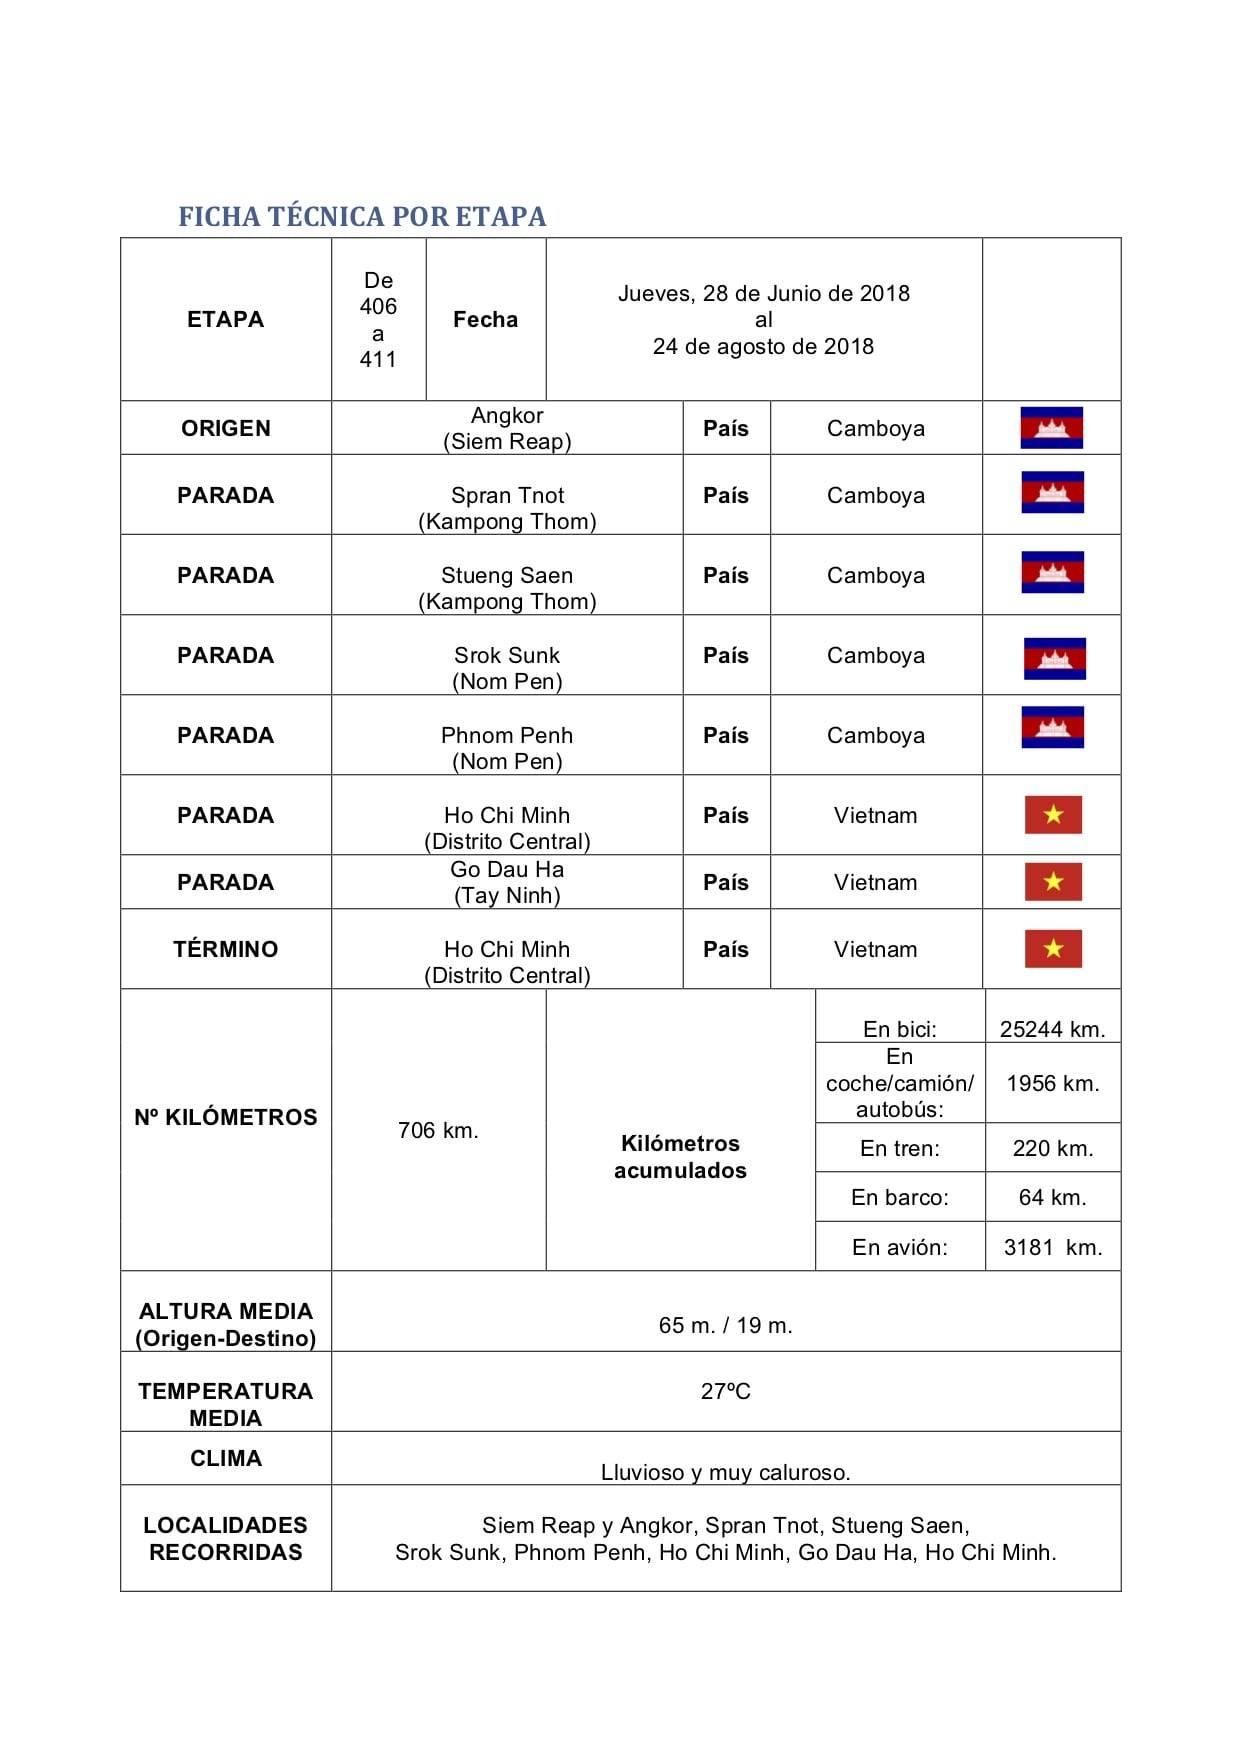 perle por el mundo etapa 406 411  - Perlé por el mundo y su vicisitudes varias por Vietnam. Etapas 406 a 409